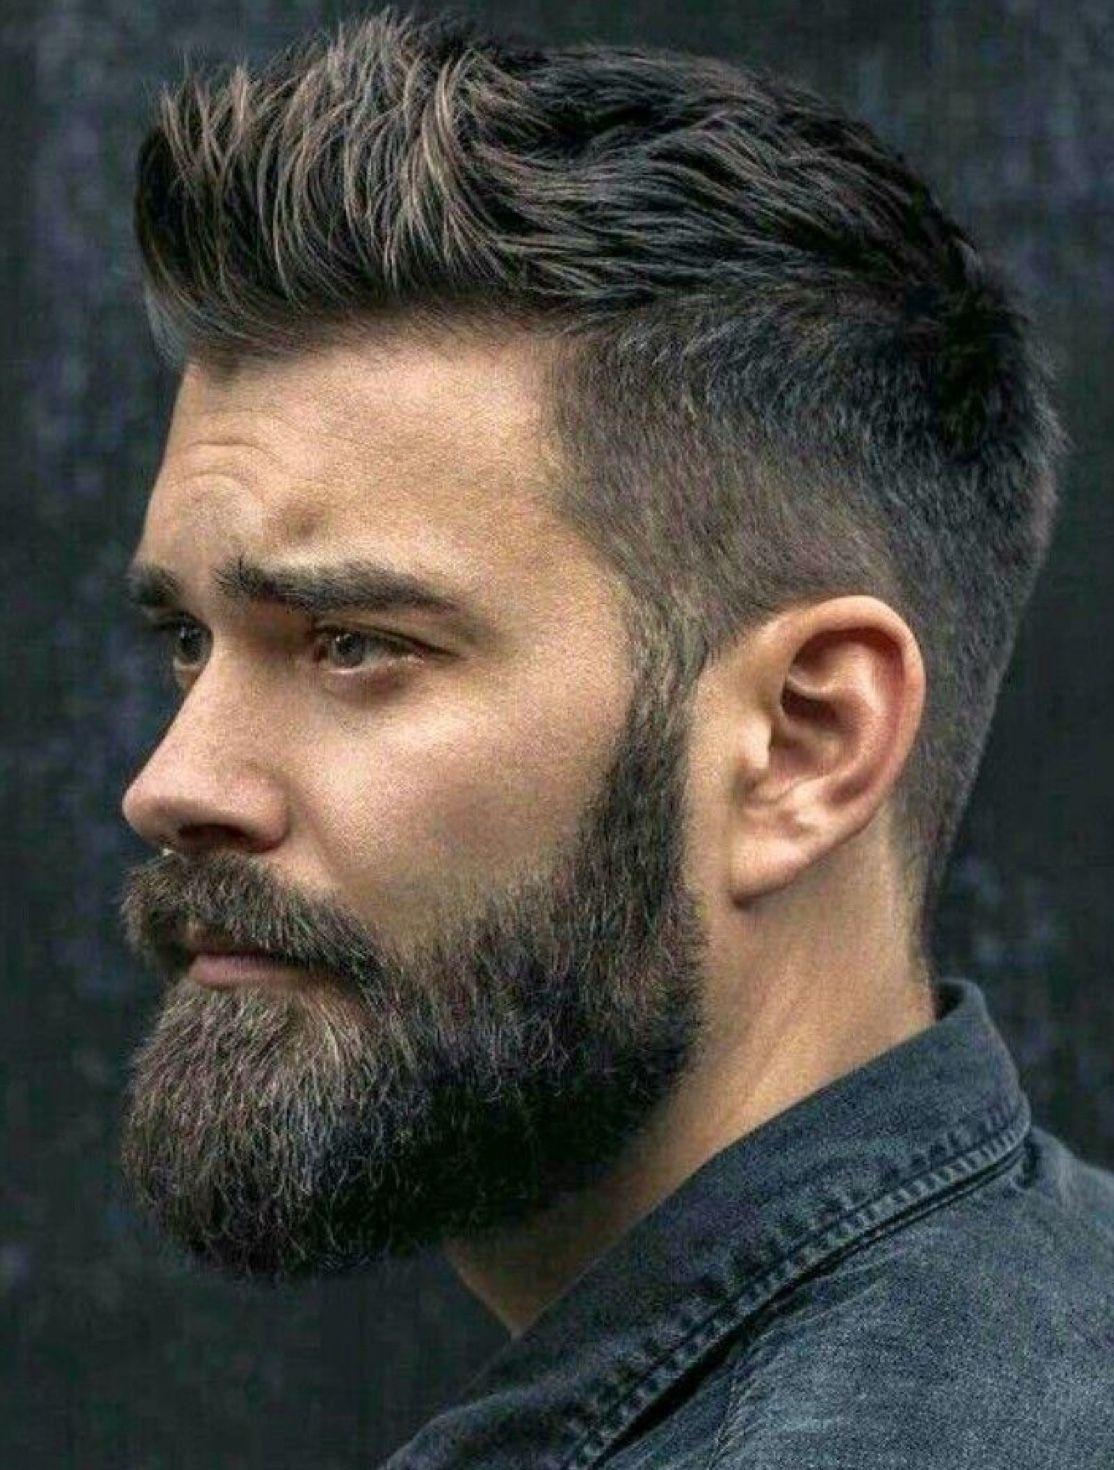 Hair And Beard Best Beard Styles Hair And Beard Styles Beard Styles For Men